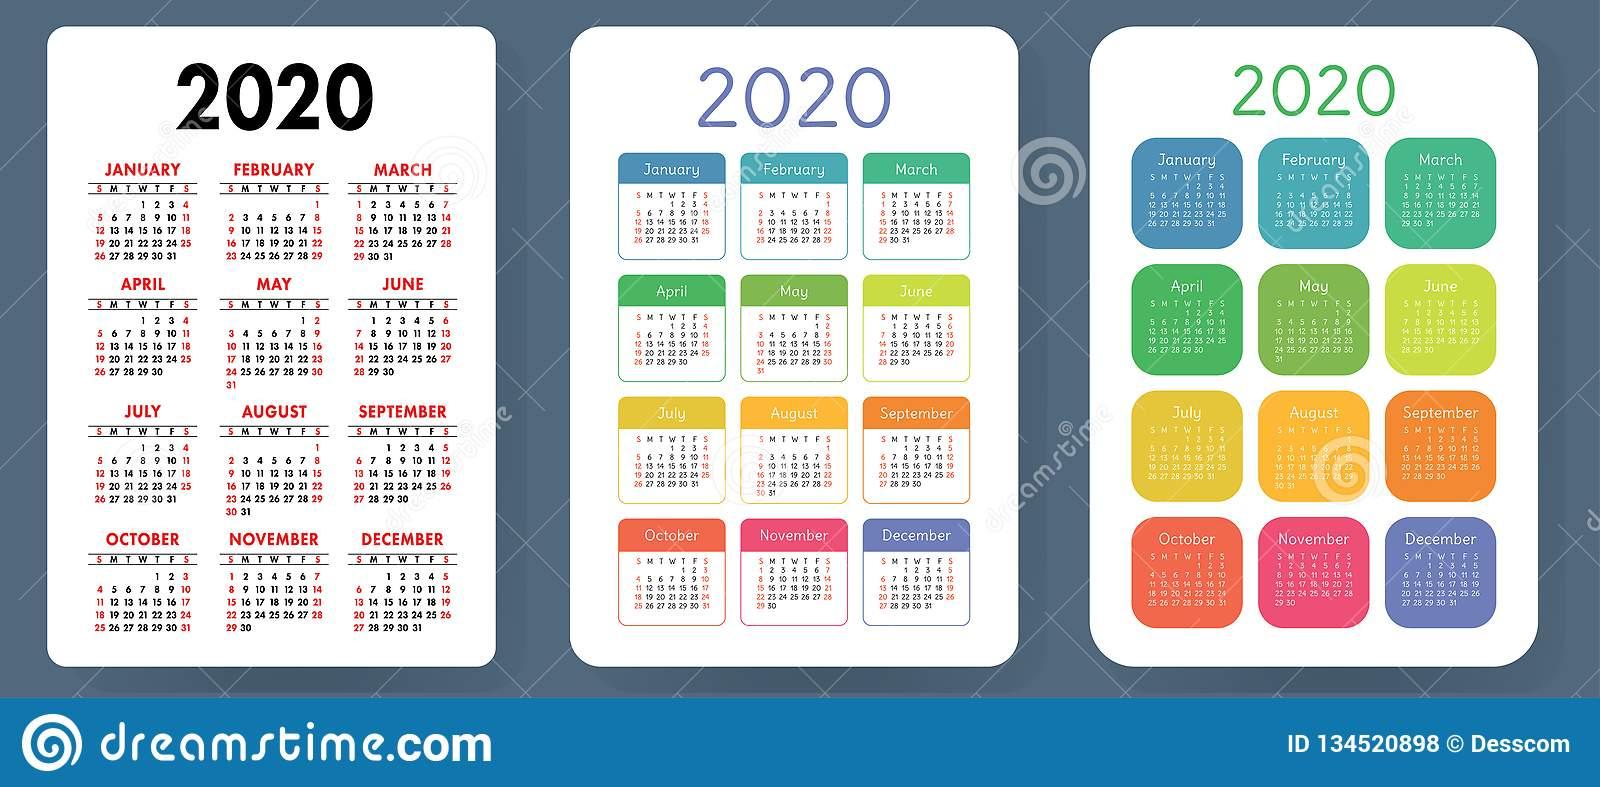 Get Free Prinable 2020 Pocket Calendar | Calendar